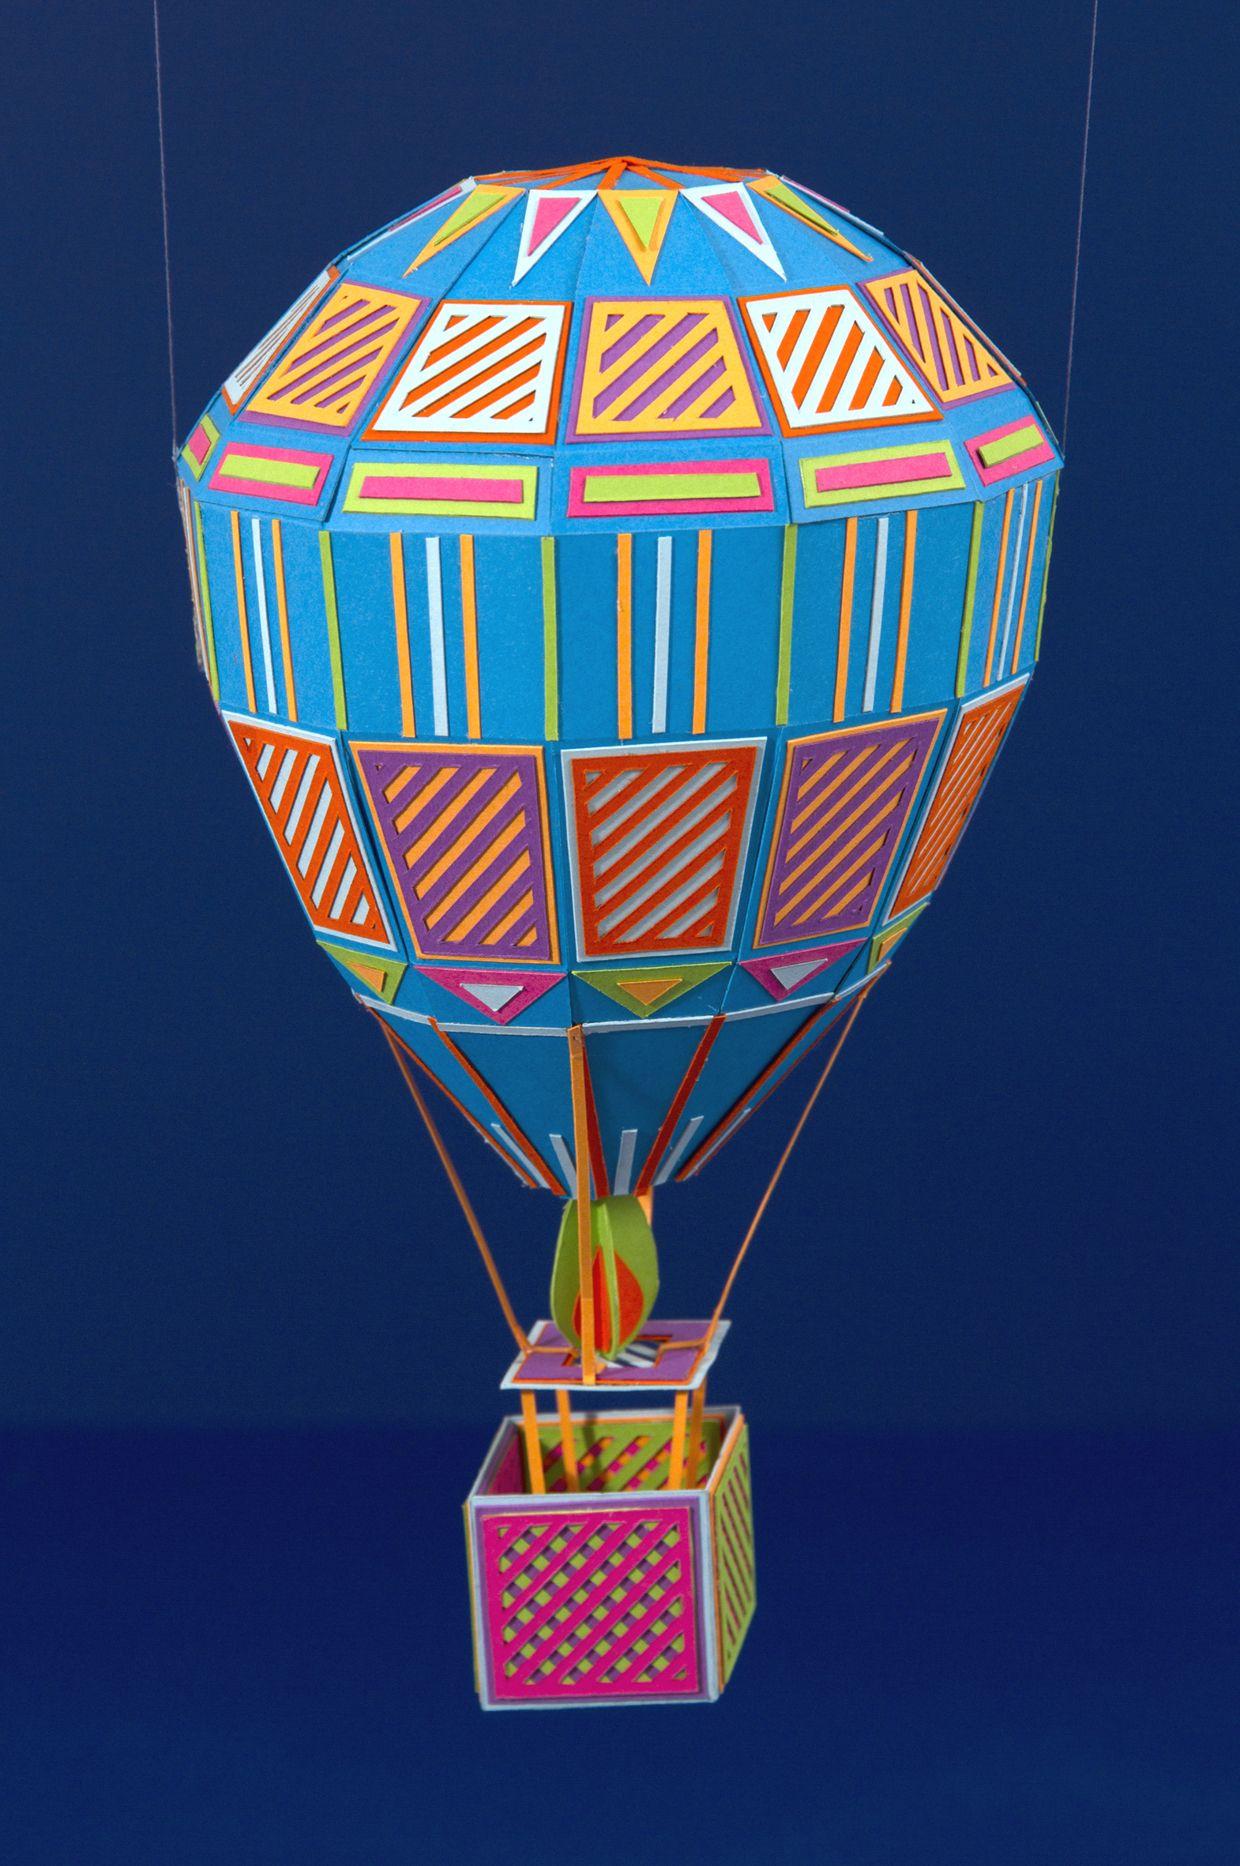 air balloon by zim & zou